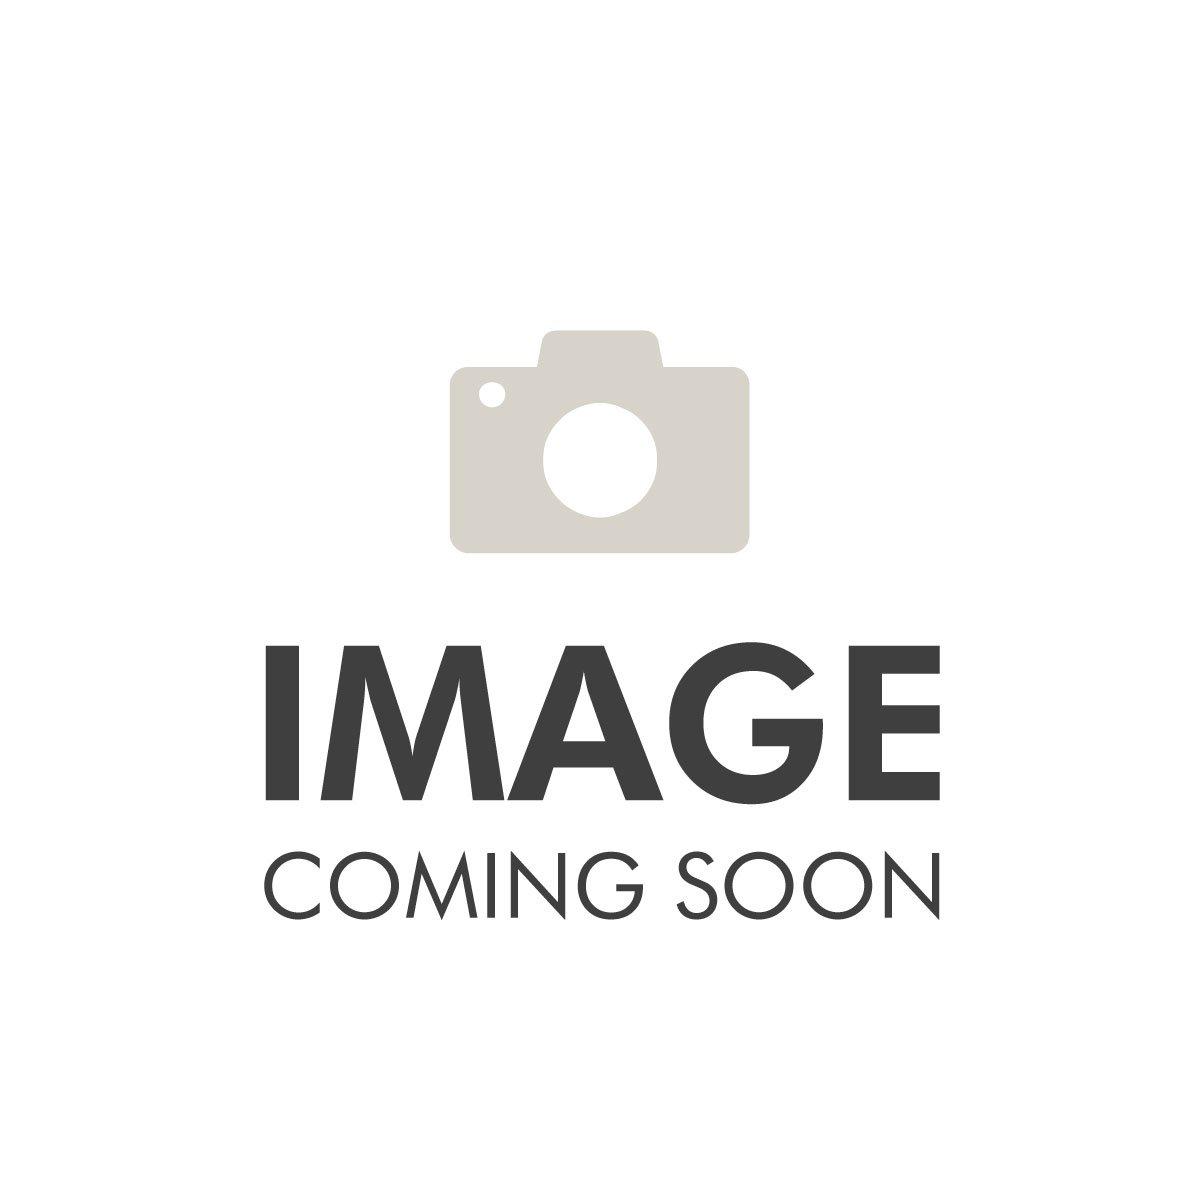 Leon Paul - Sangle magnétique pour Contour-Fit